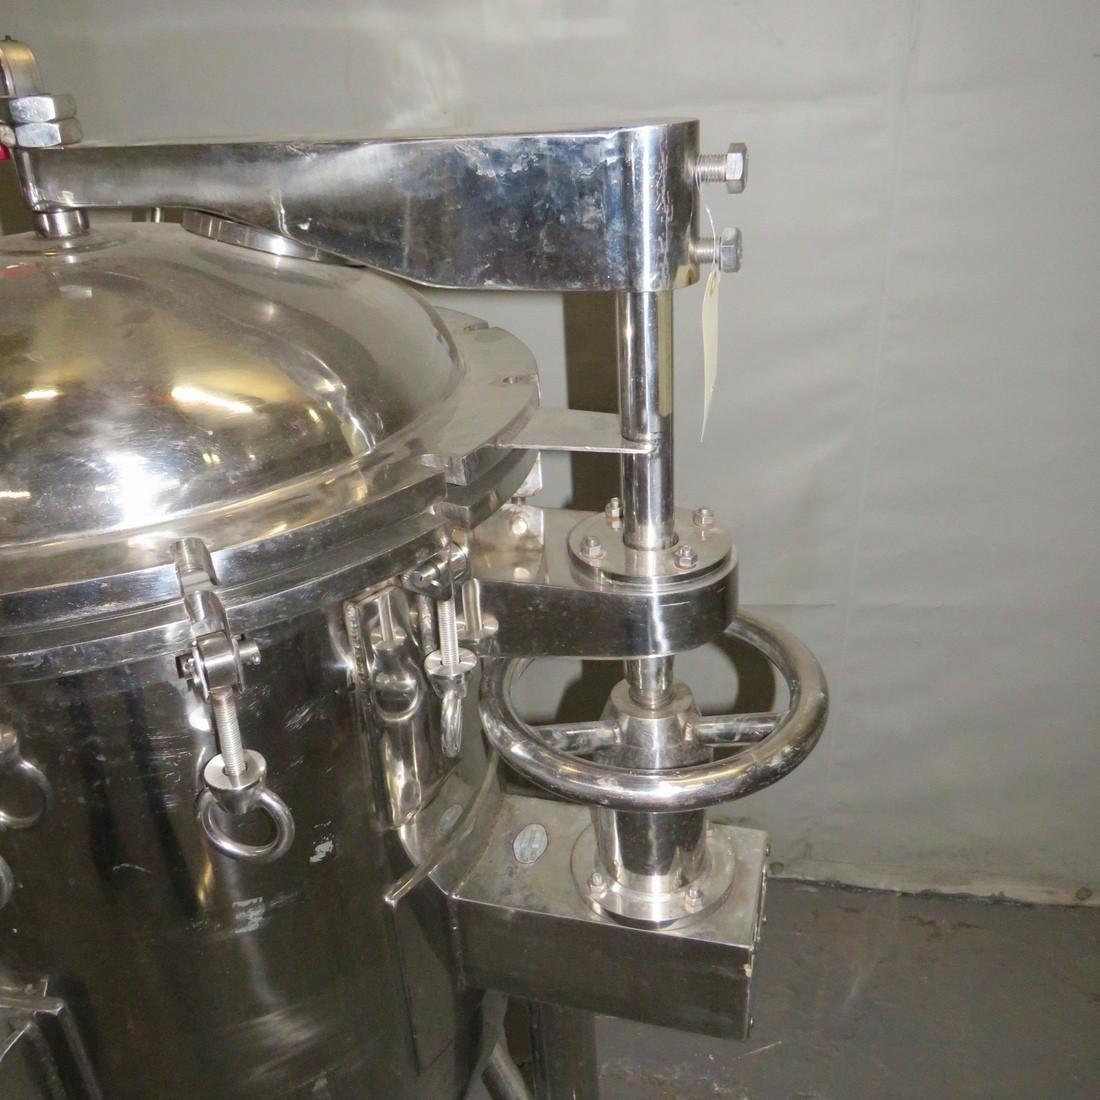 R11DB22718 Stainless steel vessel - 150 liters